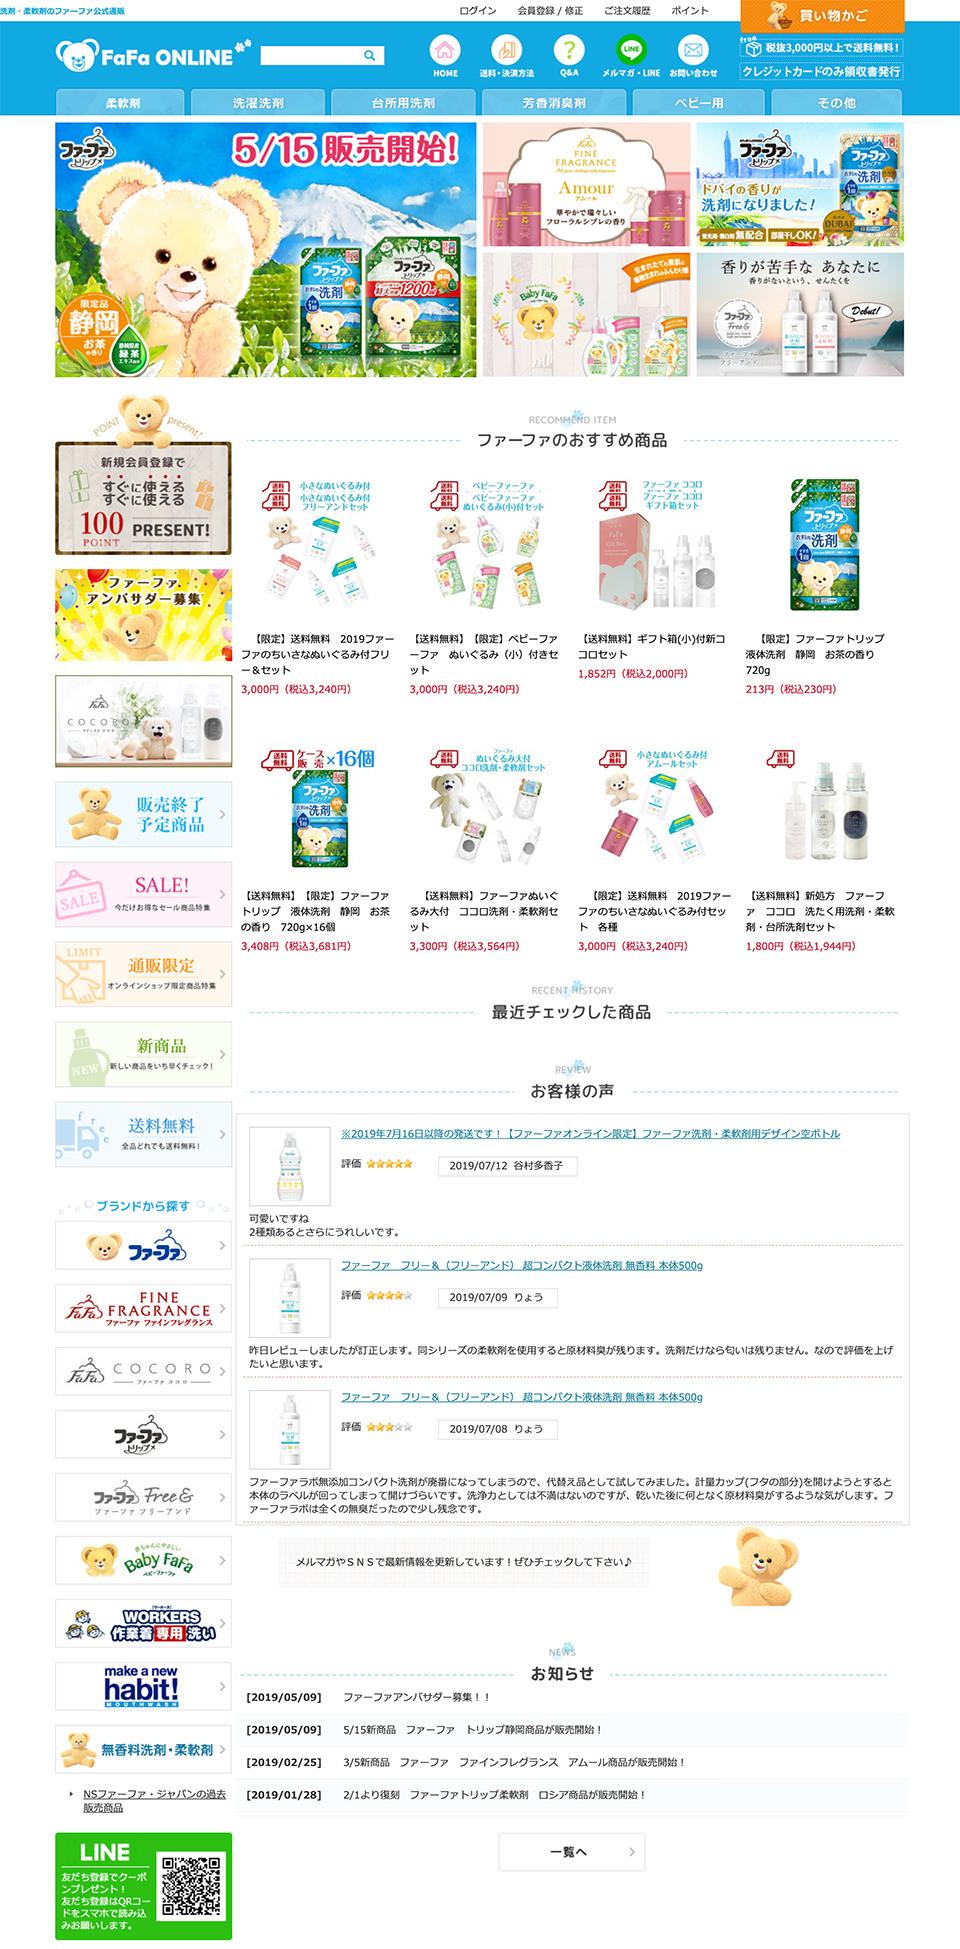 柔軟剤・洗剤の通販 ファーファオンライン本店